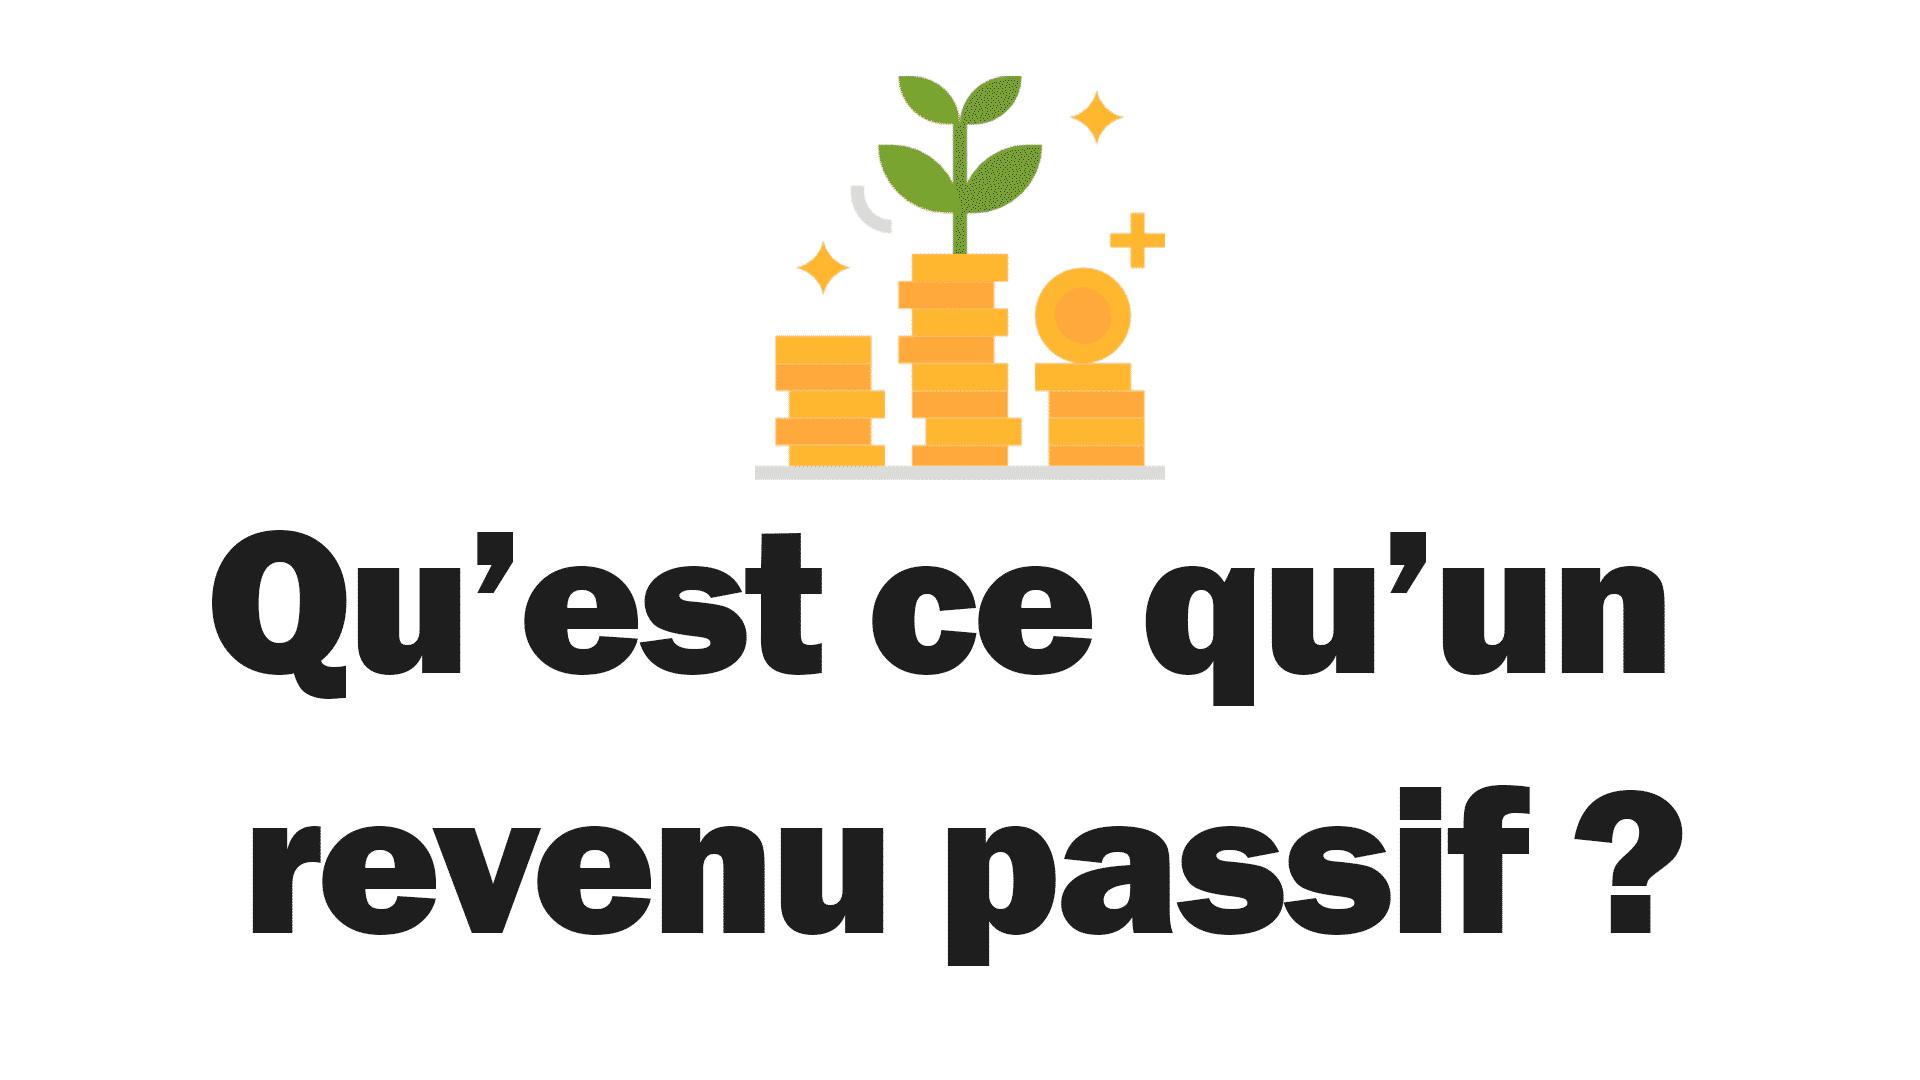 """Un fond blanc avec une image montrant un revenu passif qui est généré avec la phrase demandant """" qu'est ce qu'un revenu passif ? """""""